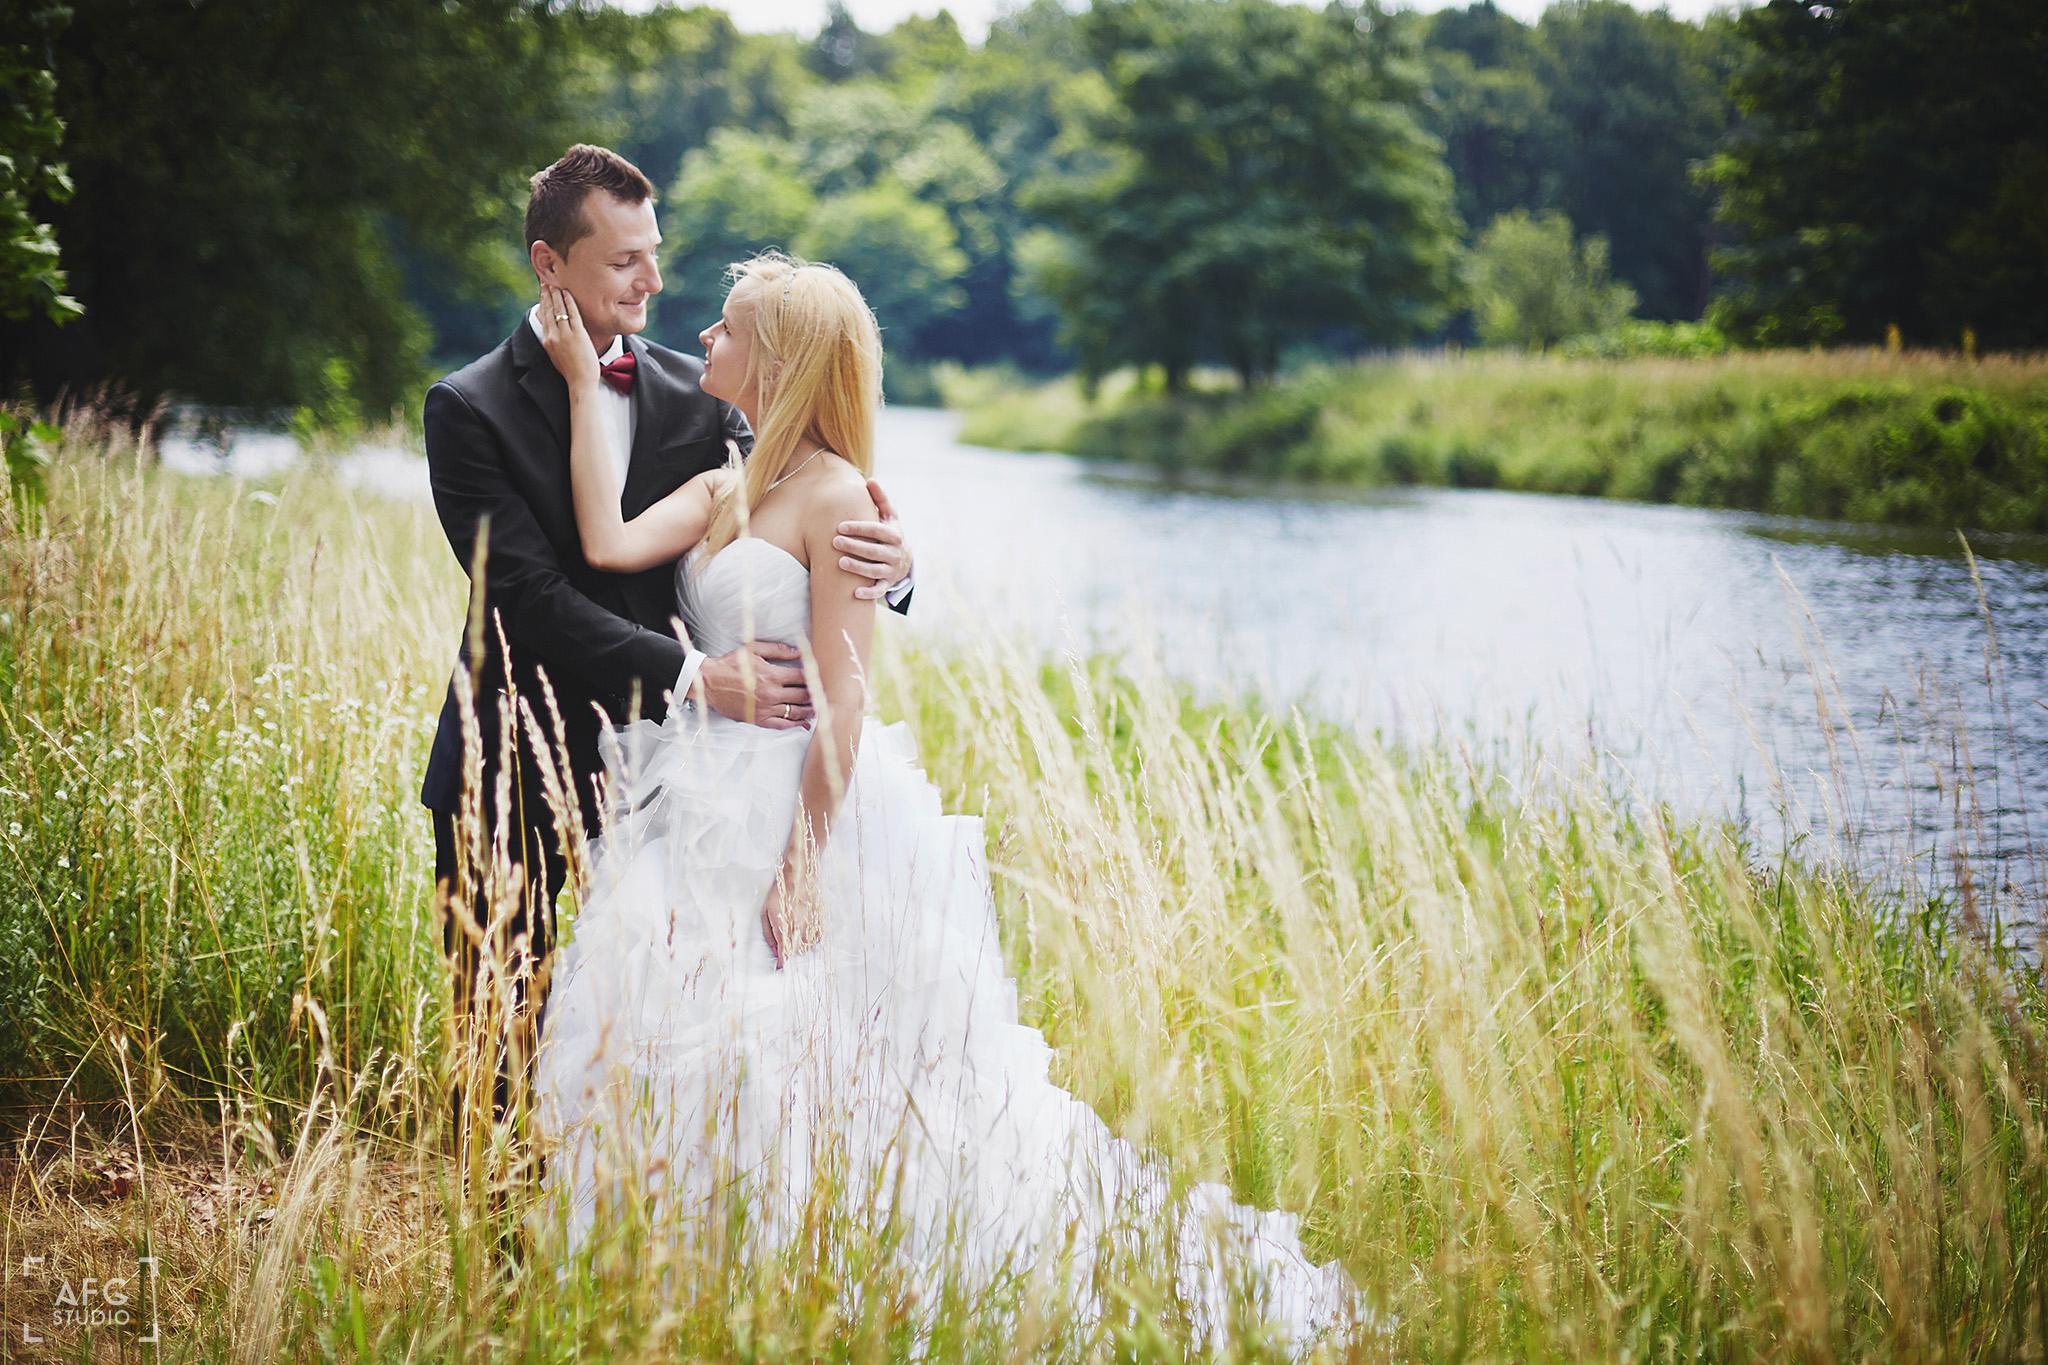 rzeka, łąka, młoda para